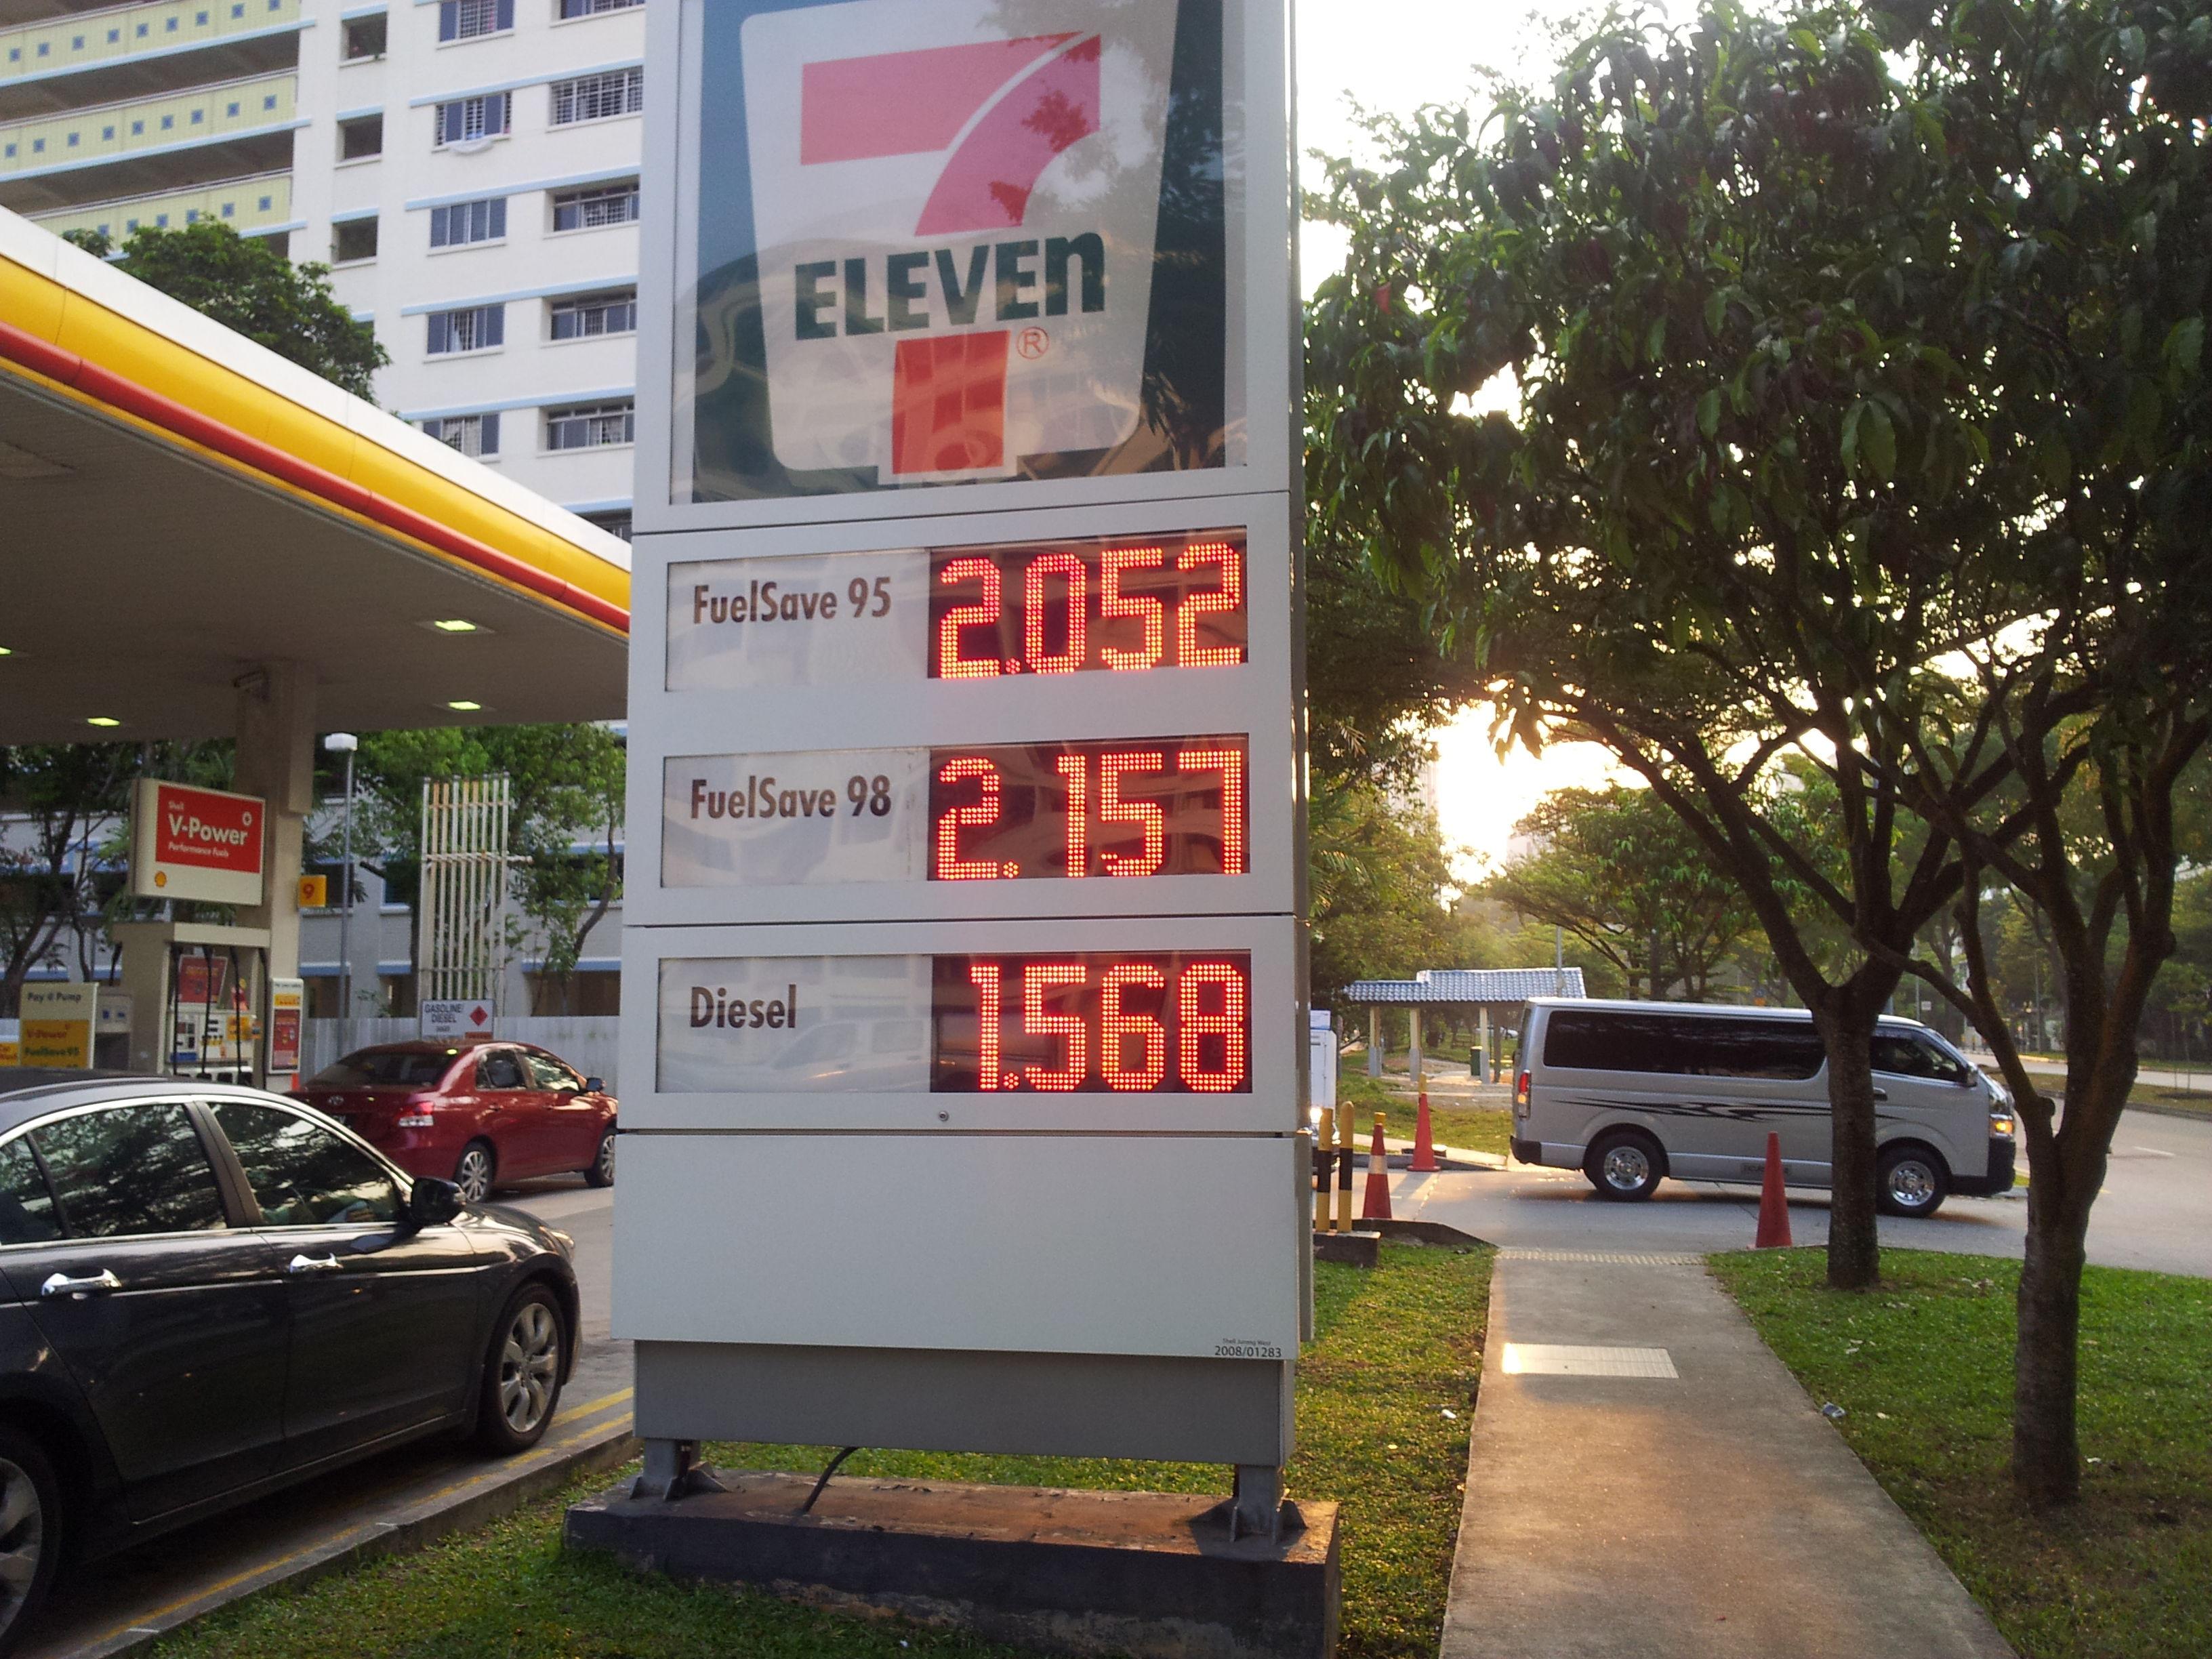 方便司机比较价格,嫌贵的可以去其他加油站加油